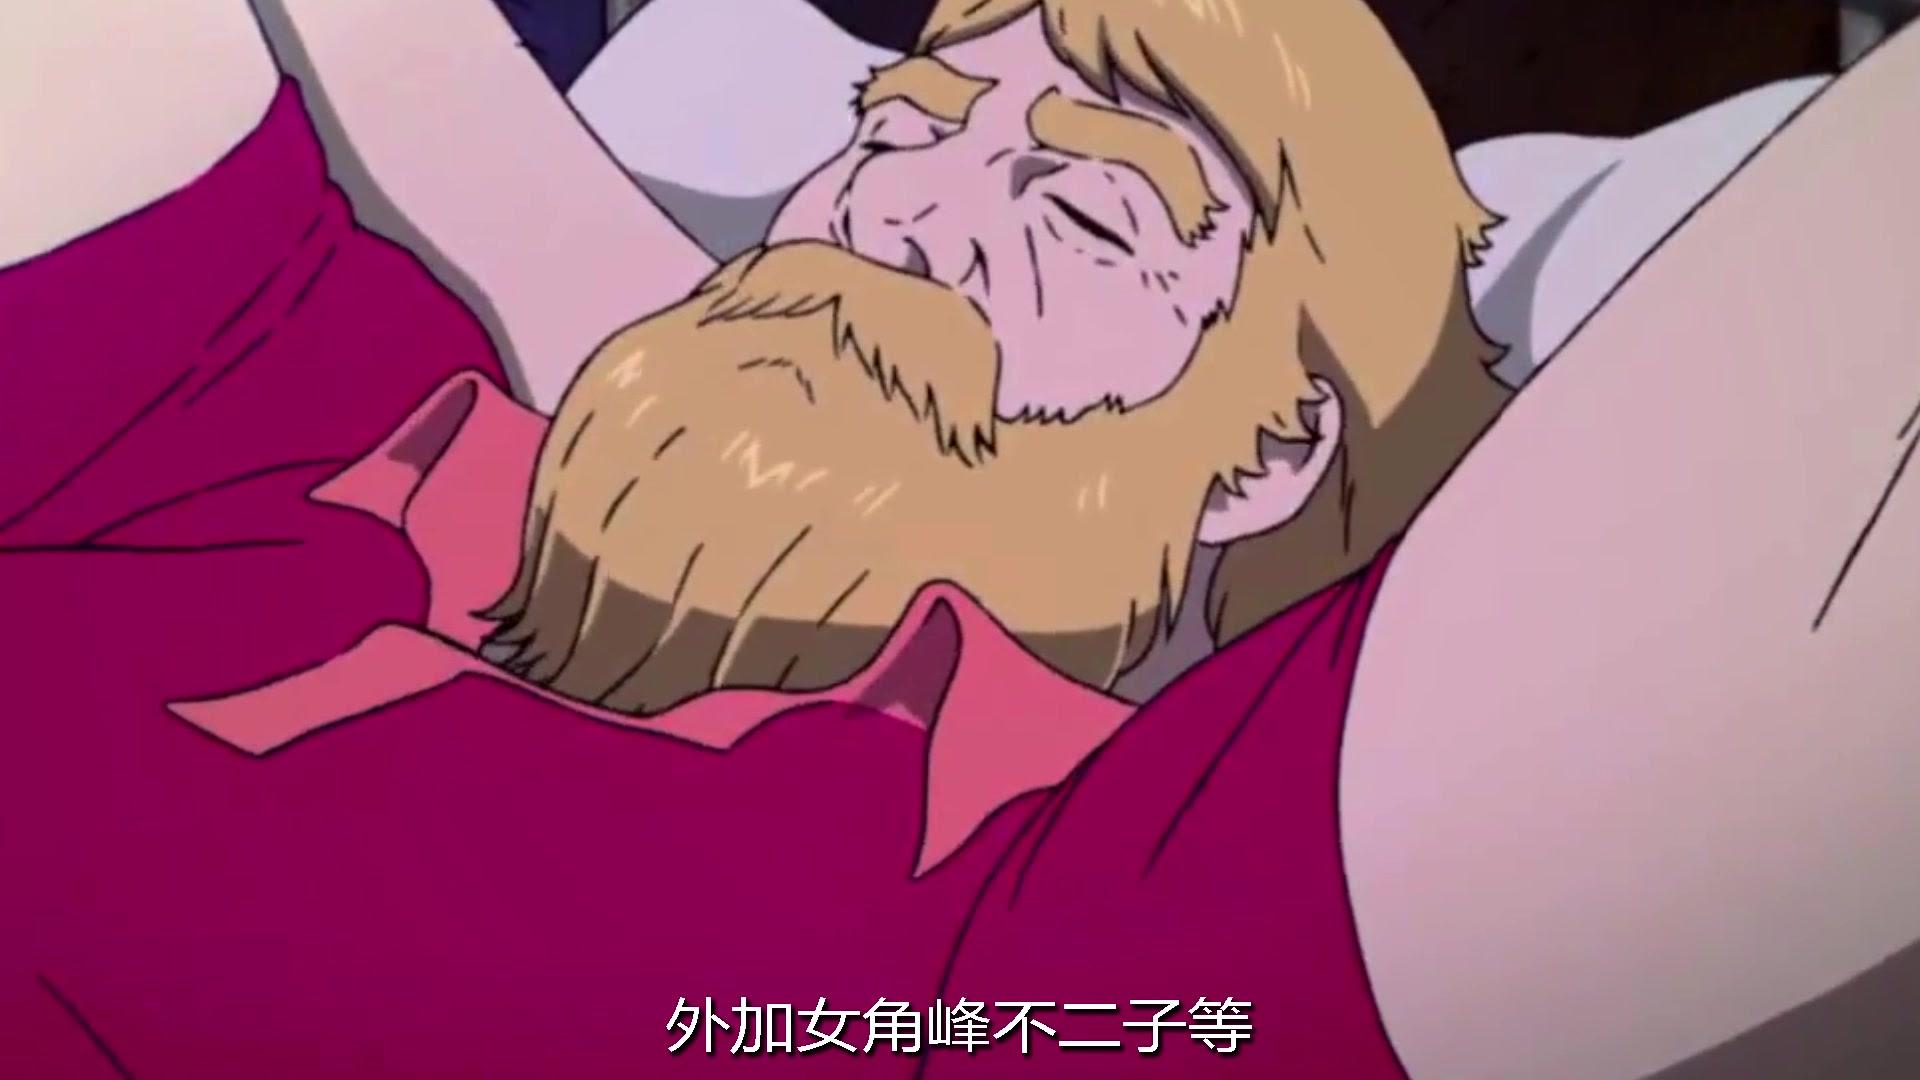 痛失巨匠 鲁邦三世 原作者加藤一彦先生离世 漫画连载50余年 哔哩